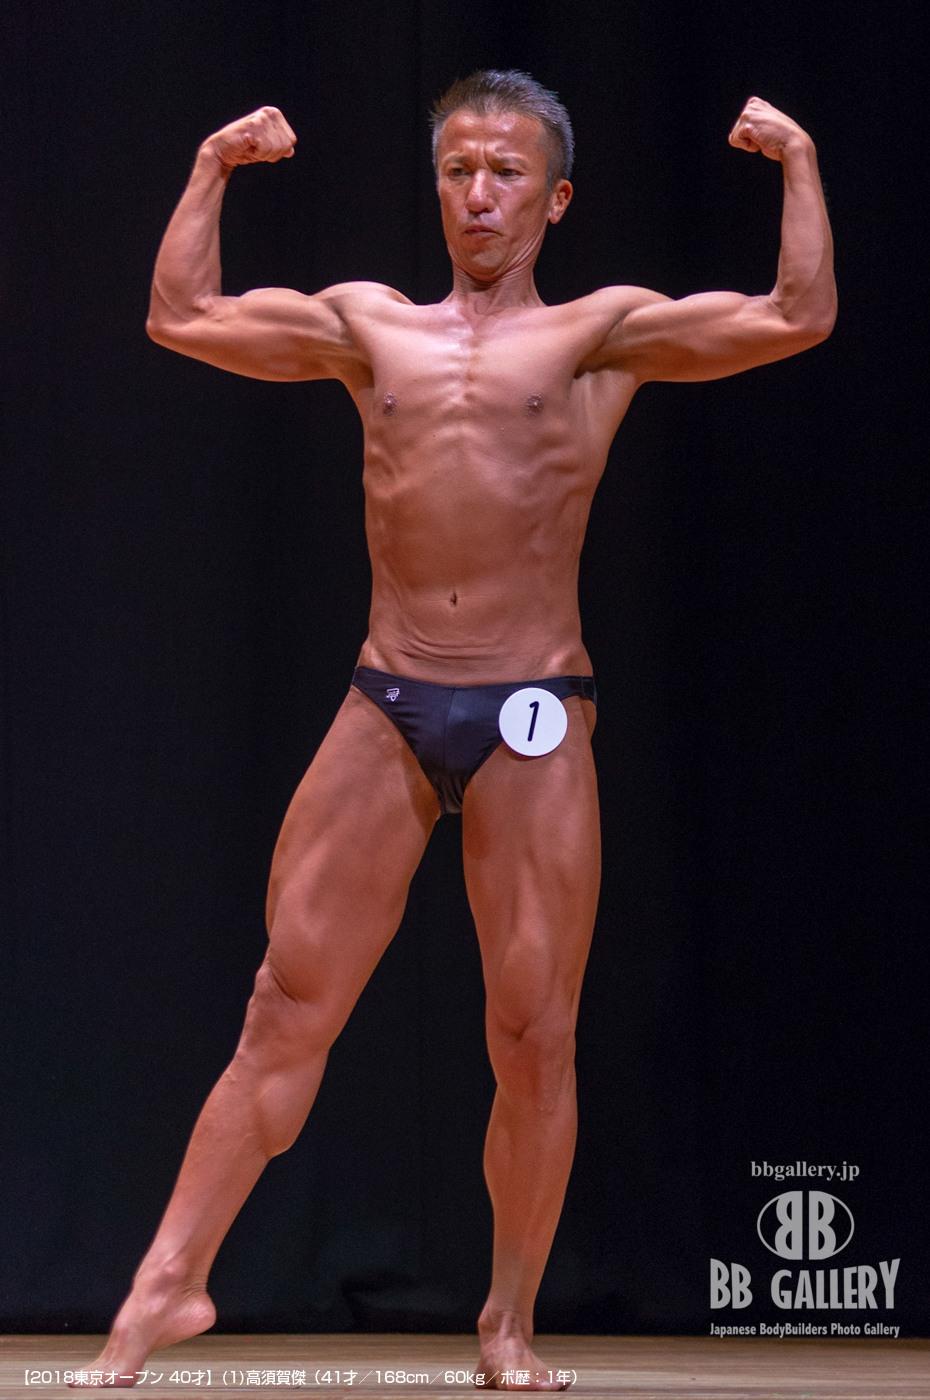 【2018東京オープン 40才】(1)高須賀傑(41才/168cm/60kg/ボ歴:1年)